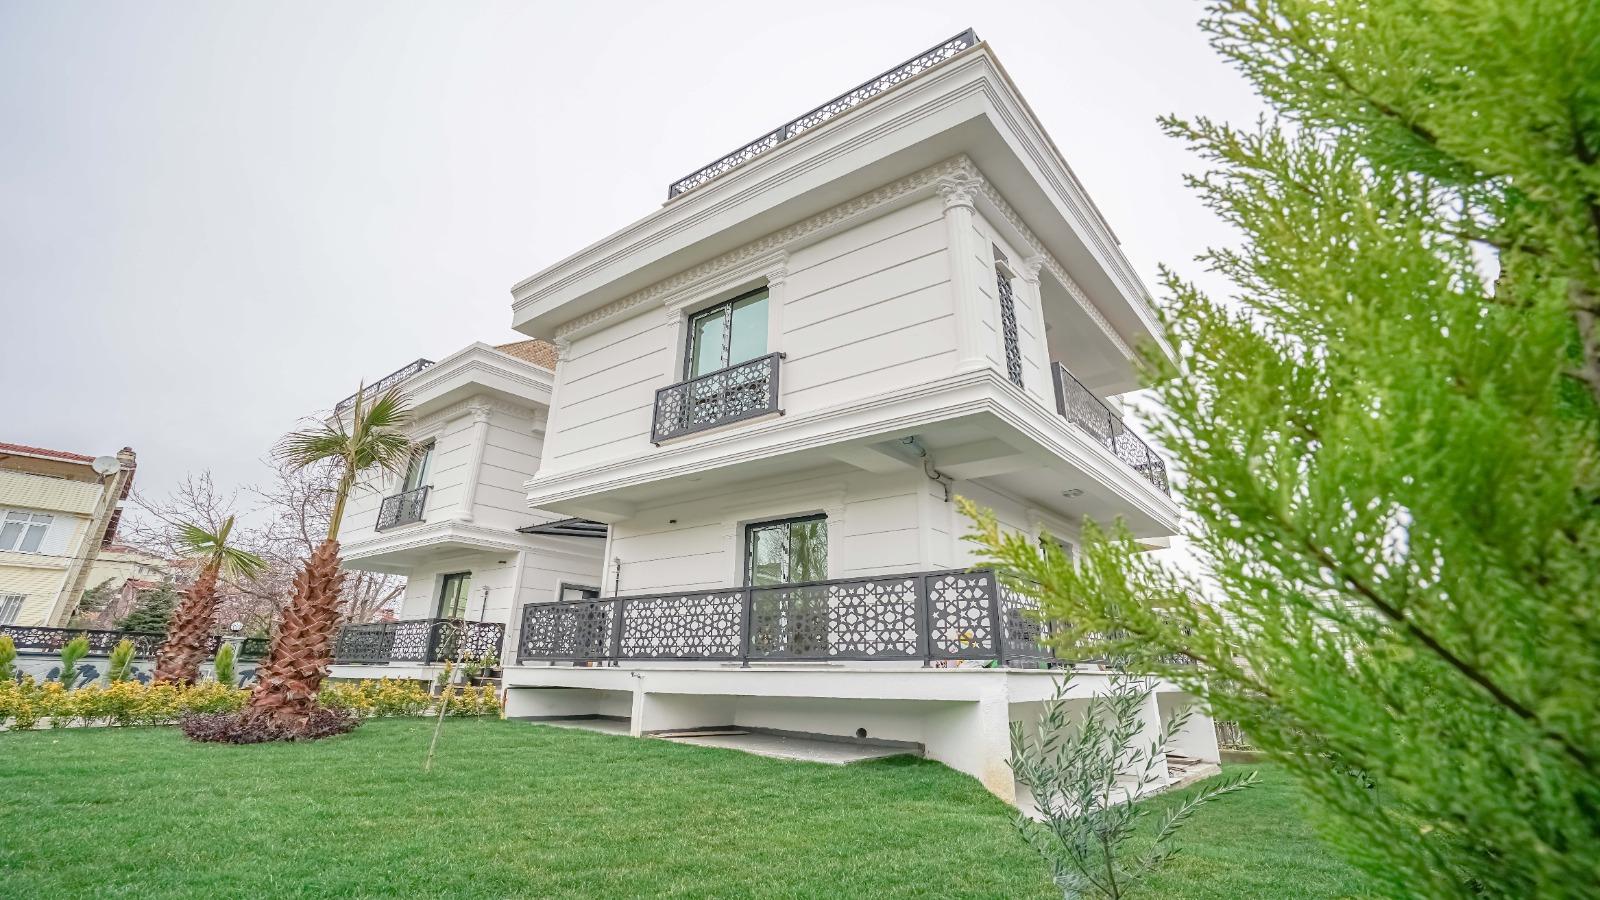 فيلا 4+1 350 متر مربع في بيليك دوزو….اسطنبول